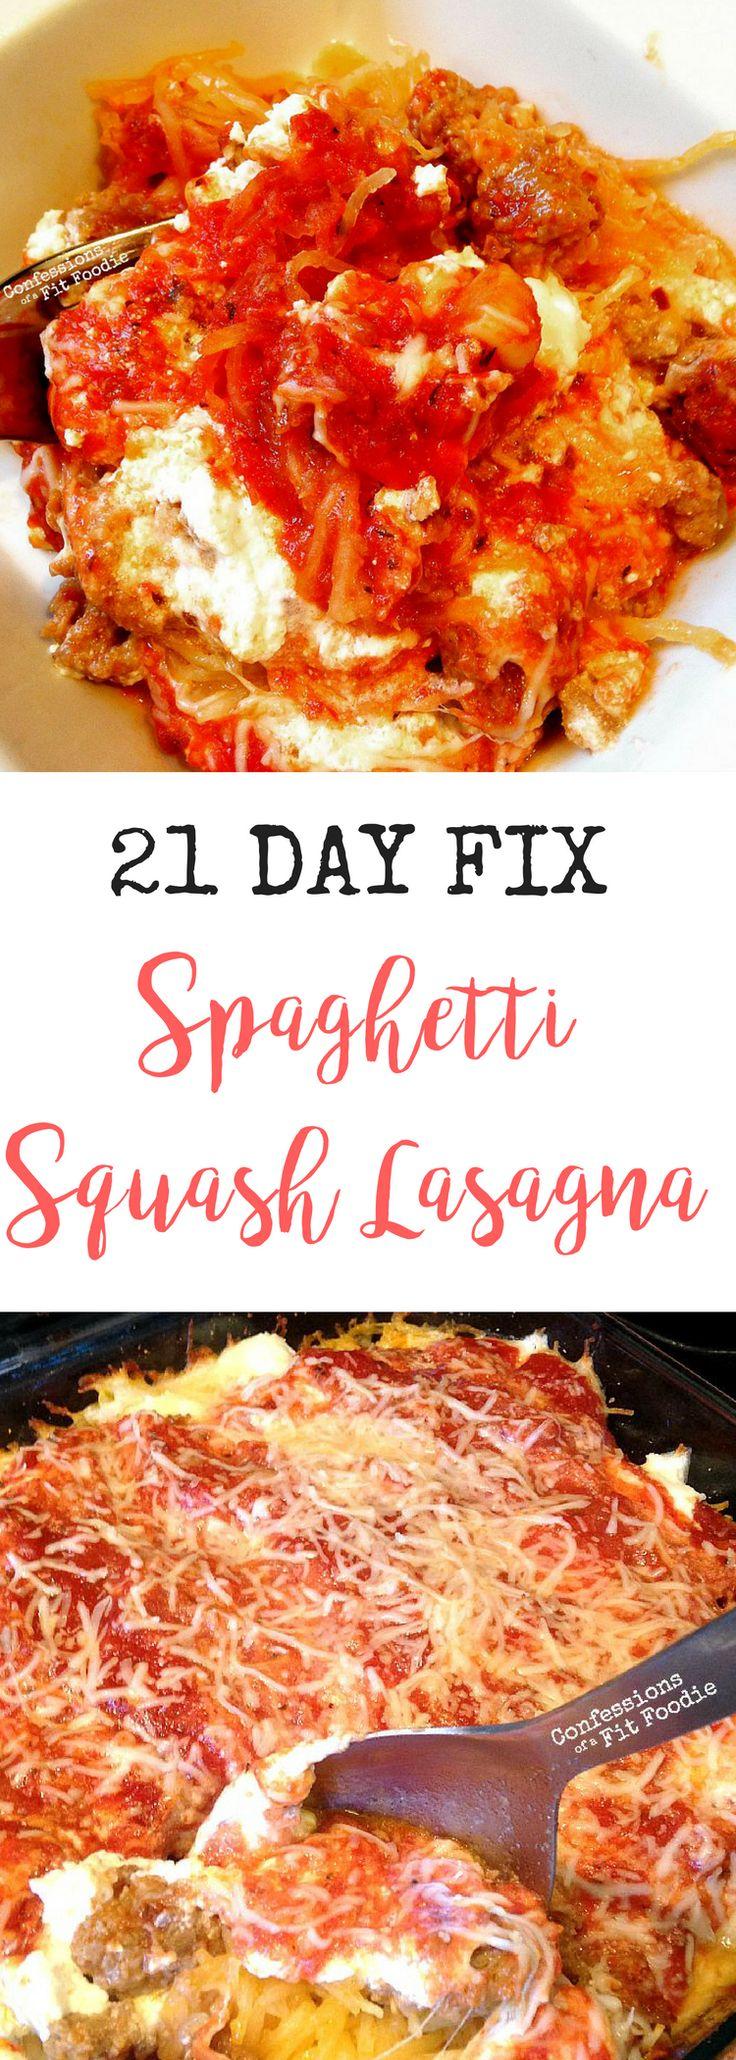 Low Carb Deliciousness! 21 Day Fix Spaghetti Squash Lasagna